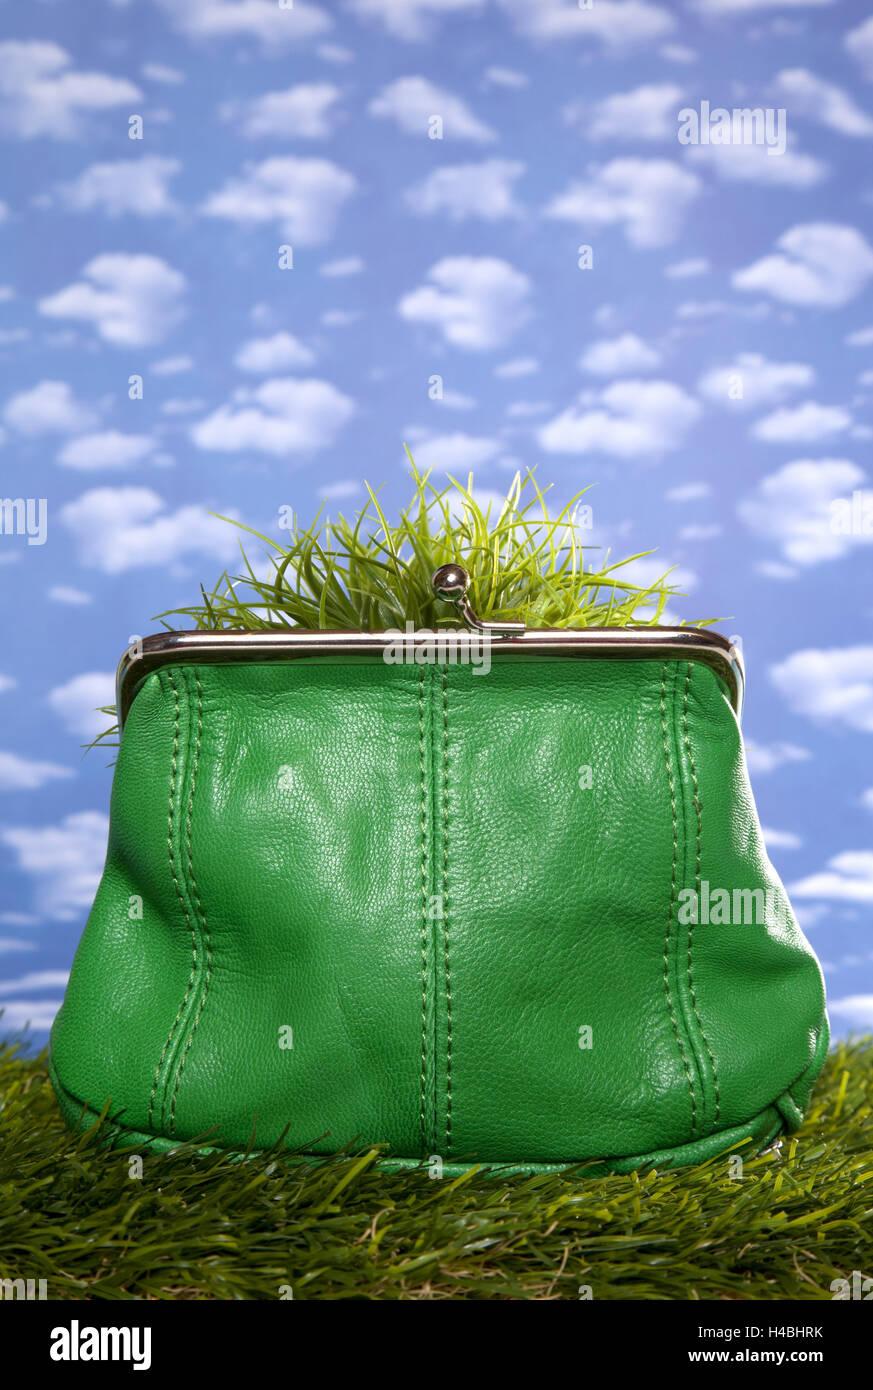 Symbol-Bild, sparen, Geld, Geldbeutel, umweltfreundlich, Stockbild